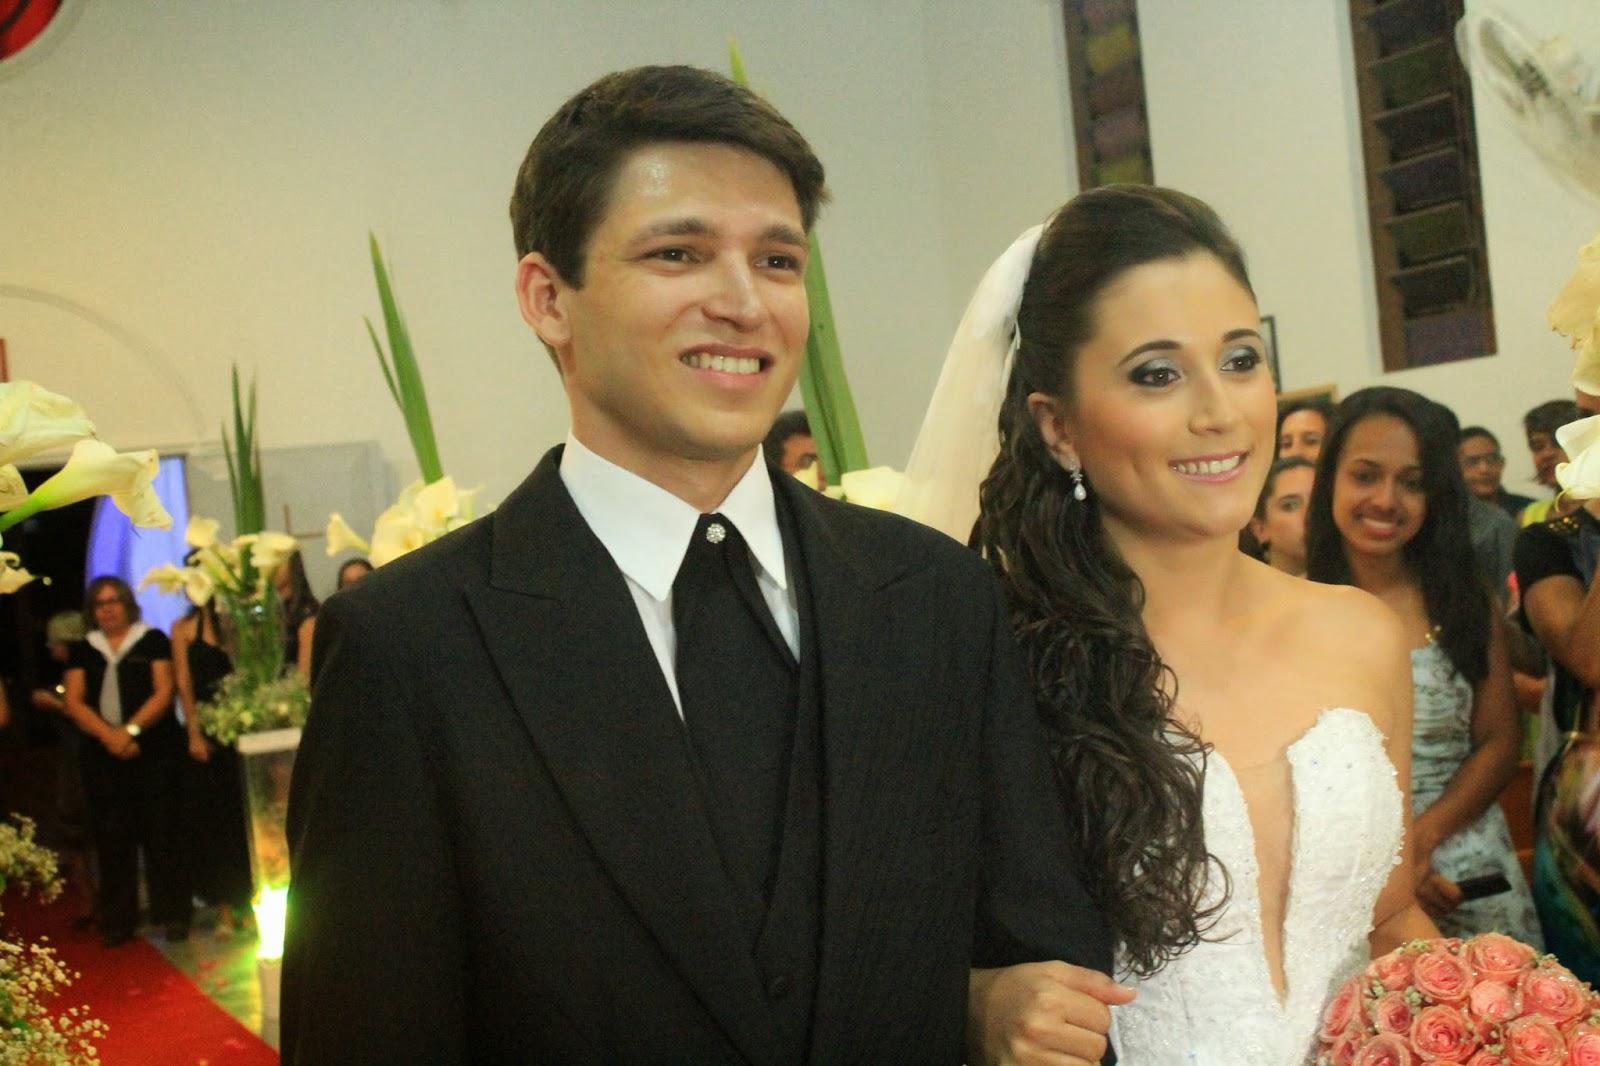 Kelly e Helder em seu casamento - Fotografia de Jéssica Guedes - Copyright © 2014 (C) – Todos os Direitos Reservados